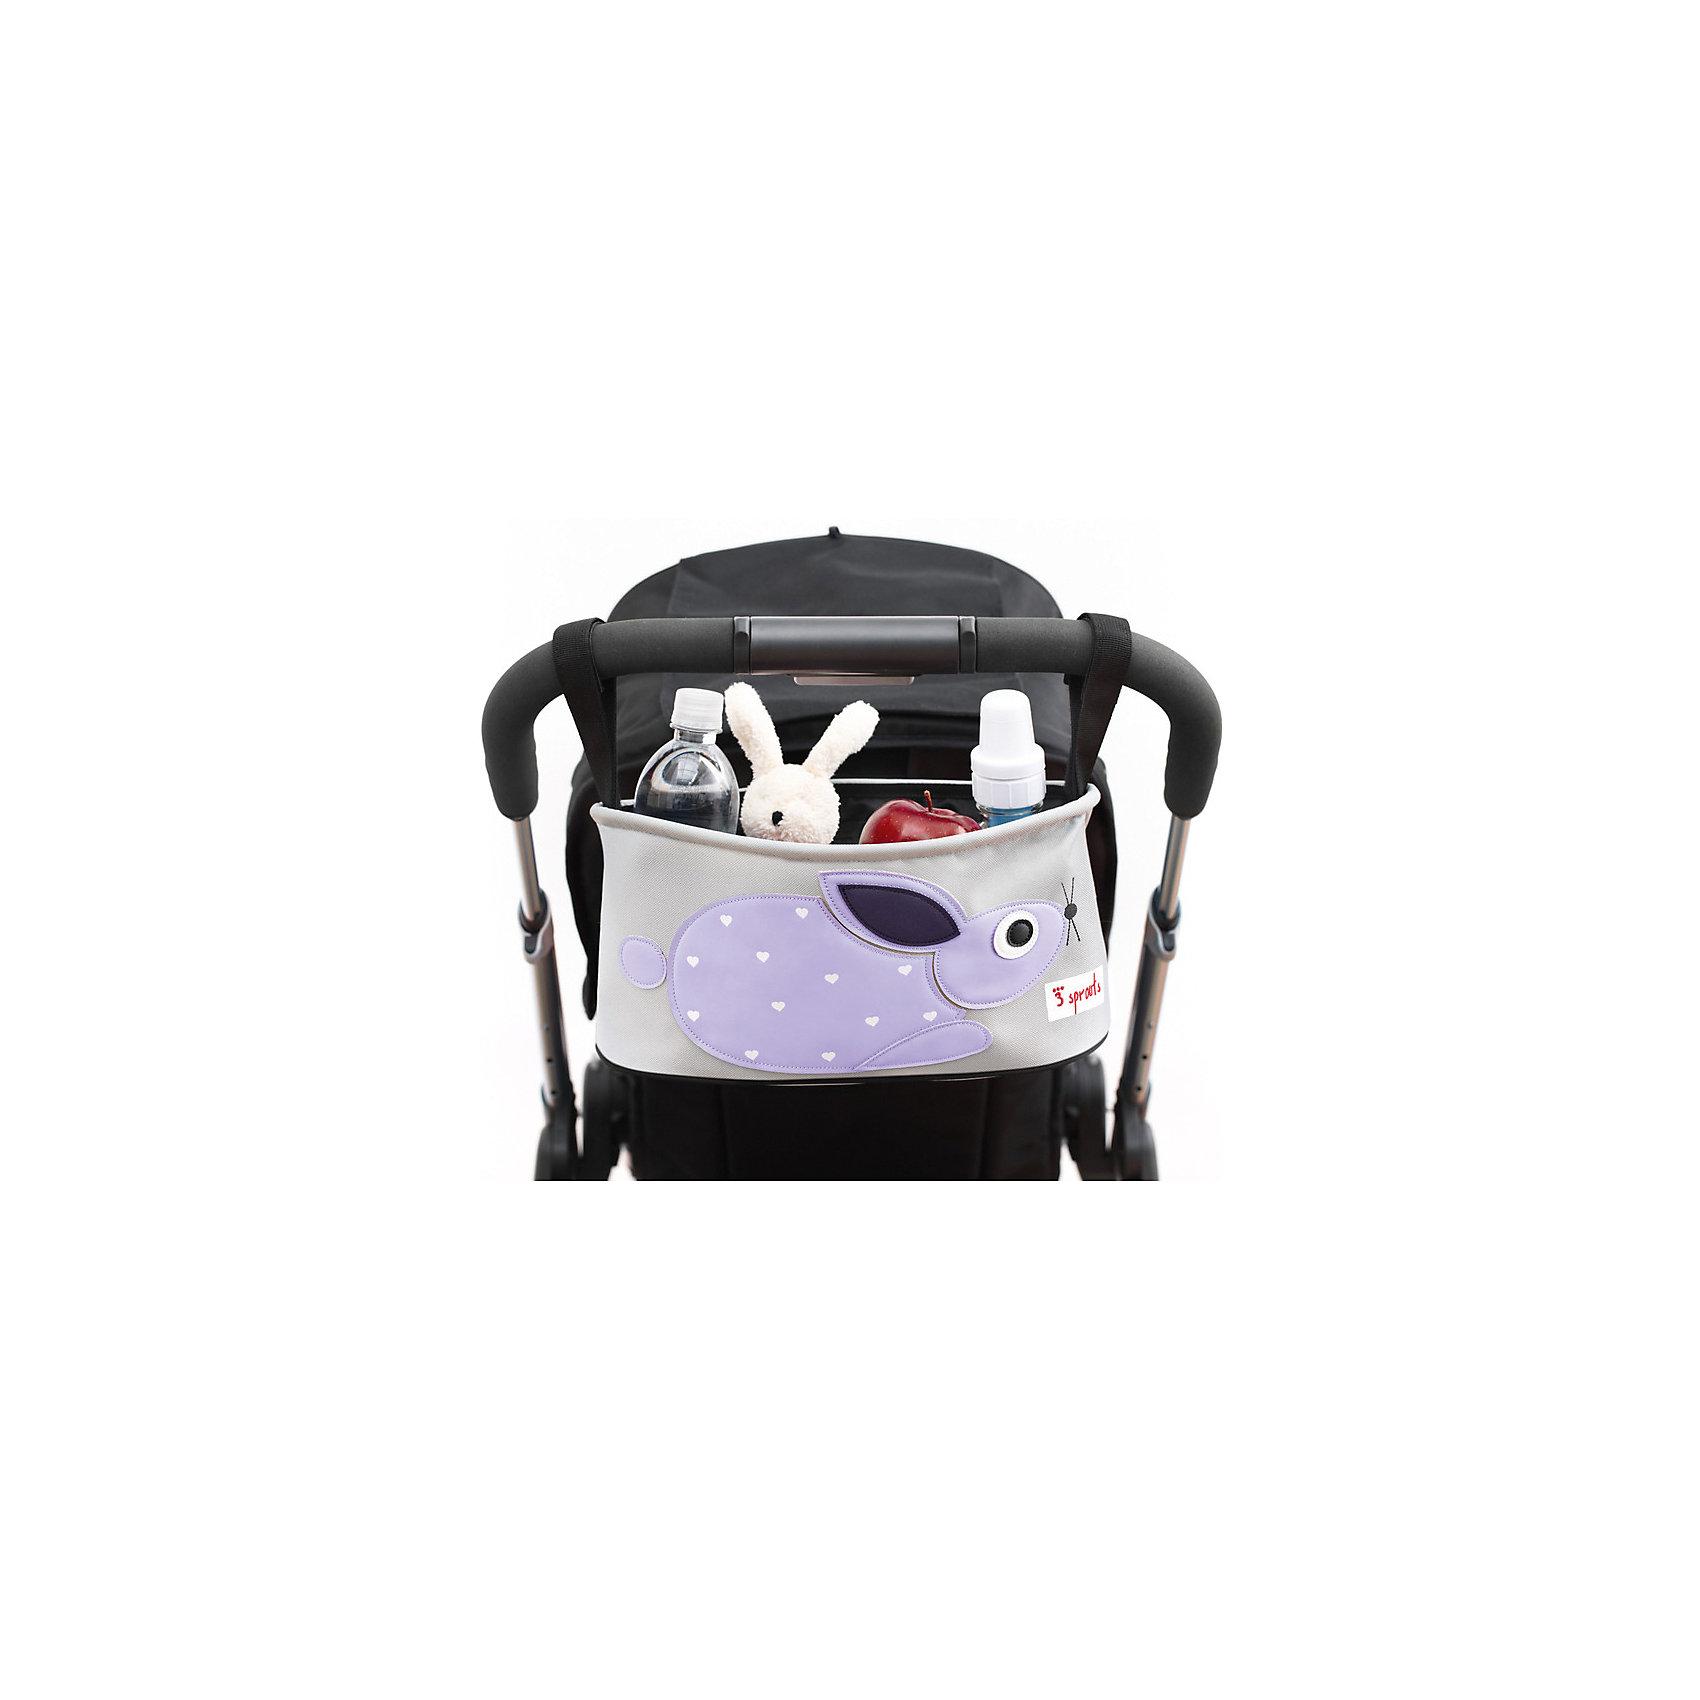 Сумка-органайзер для коляски Кролик (Purple Rabbit), 3 SproutsАксессуары для колясок<br>Милая сумка-органайзер для мамы. Всё необходимое будет под рукой, когда Вы отправитесь на прогулку со своим малышом. Сумочку можно просто протирать при необходимости, она имеет два отделённых отсека для стакана или бутылки. Так же, есть специальный потайной кармашек для ключей и телефона.<br><br>Дополнительная информация:<br><br>- Размер: 32x15x13 см.<br>- Материал: полиэстер.<br>- Орнамент: Кролик.<br><br>Купить сумку-органайзер для коляски Кролик (Purple Rabbit), можно в нашем магазине.<br><br>Ширина мм: 420<br>Глубина мм: 25<br>Высота мм: 180<br>Вес г: 226<br>Возраст от месяцев: 0<br>Возраст до месяцев: 36<br>Пол: Унисекс<br>Возраст: Детский<br>SKU: 5098251